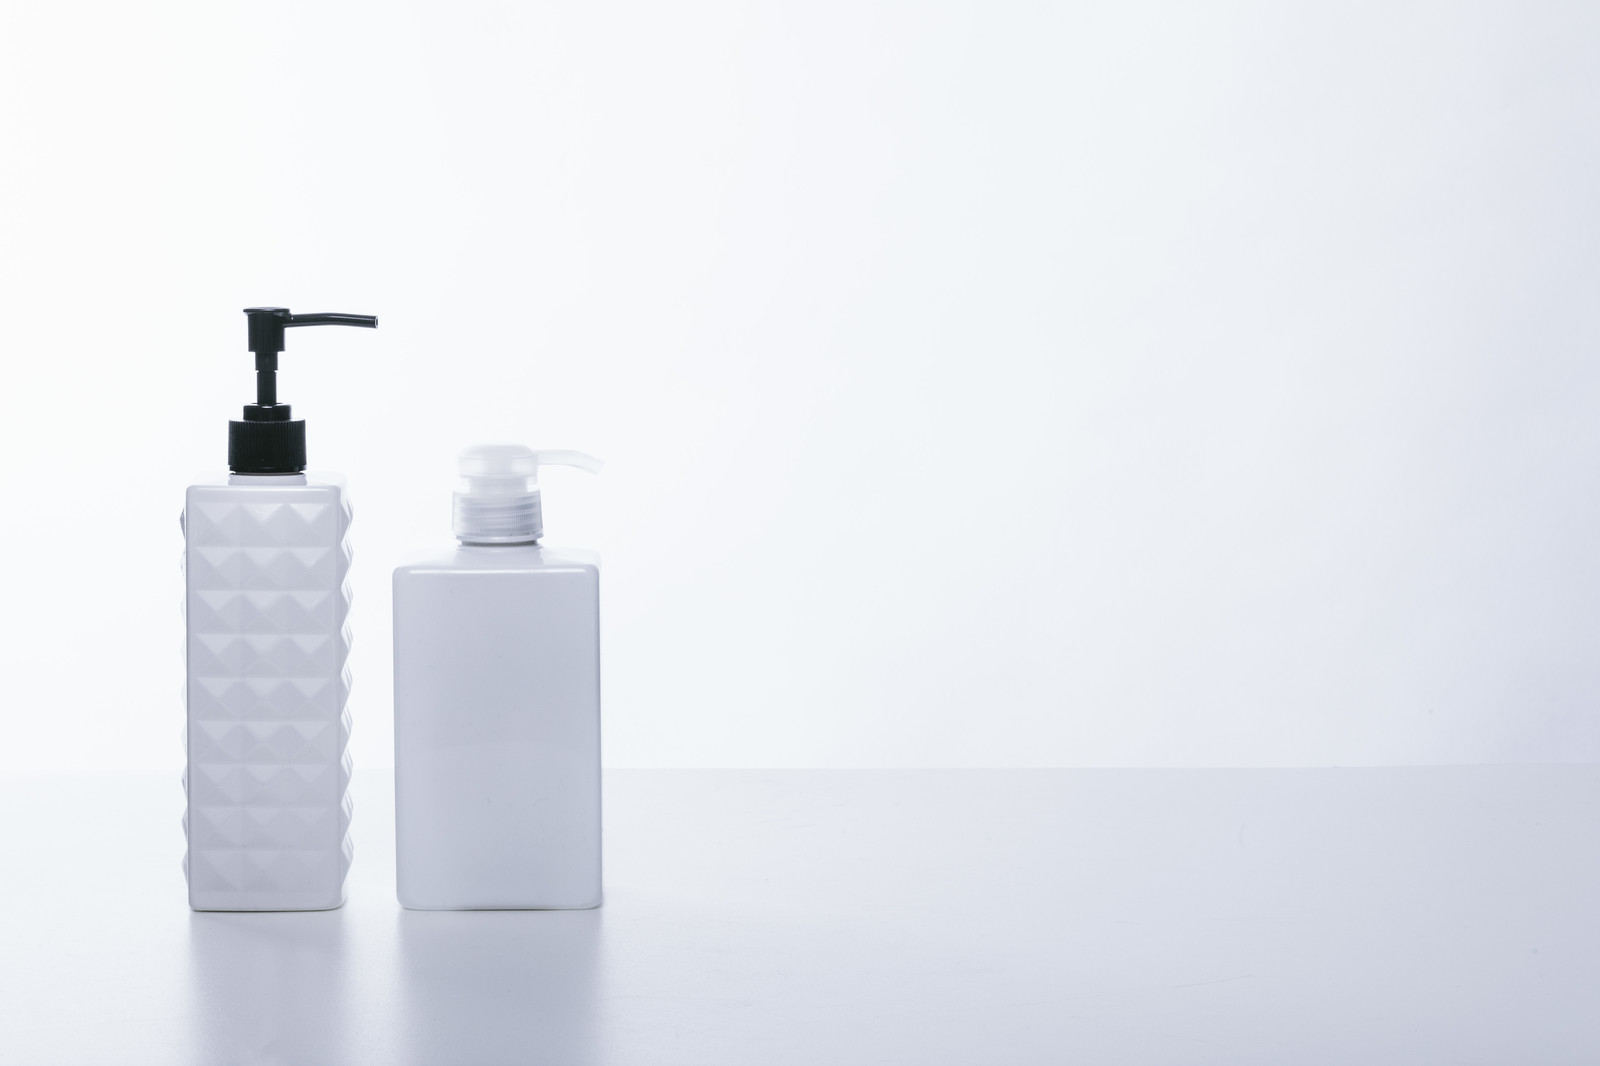 美容院専売品シャンプーランキング!市販のシャンプーとの違いを紹介